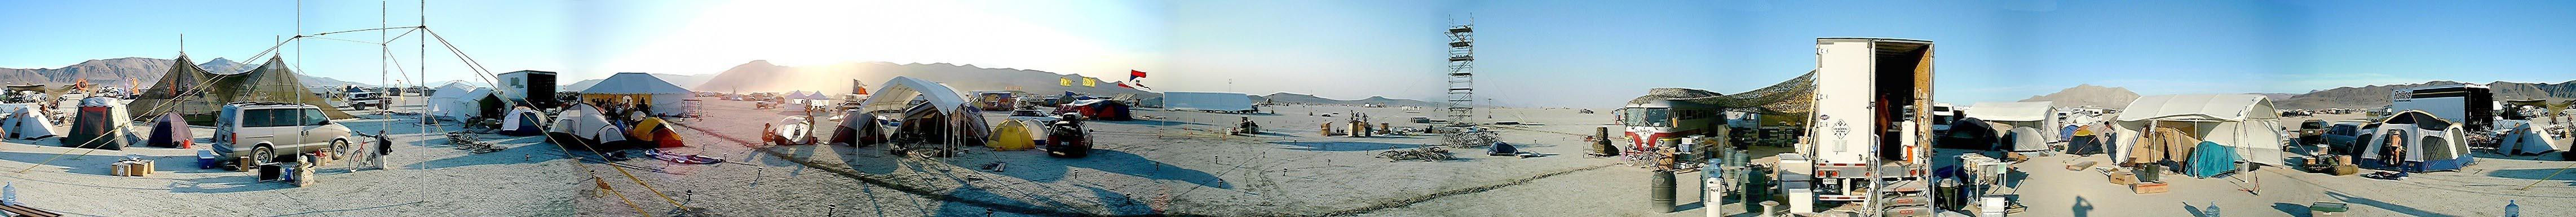 Panoramas Burning Man 2000